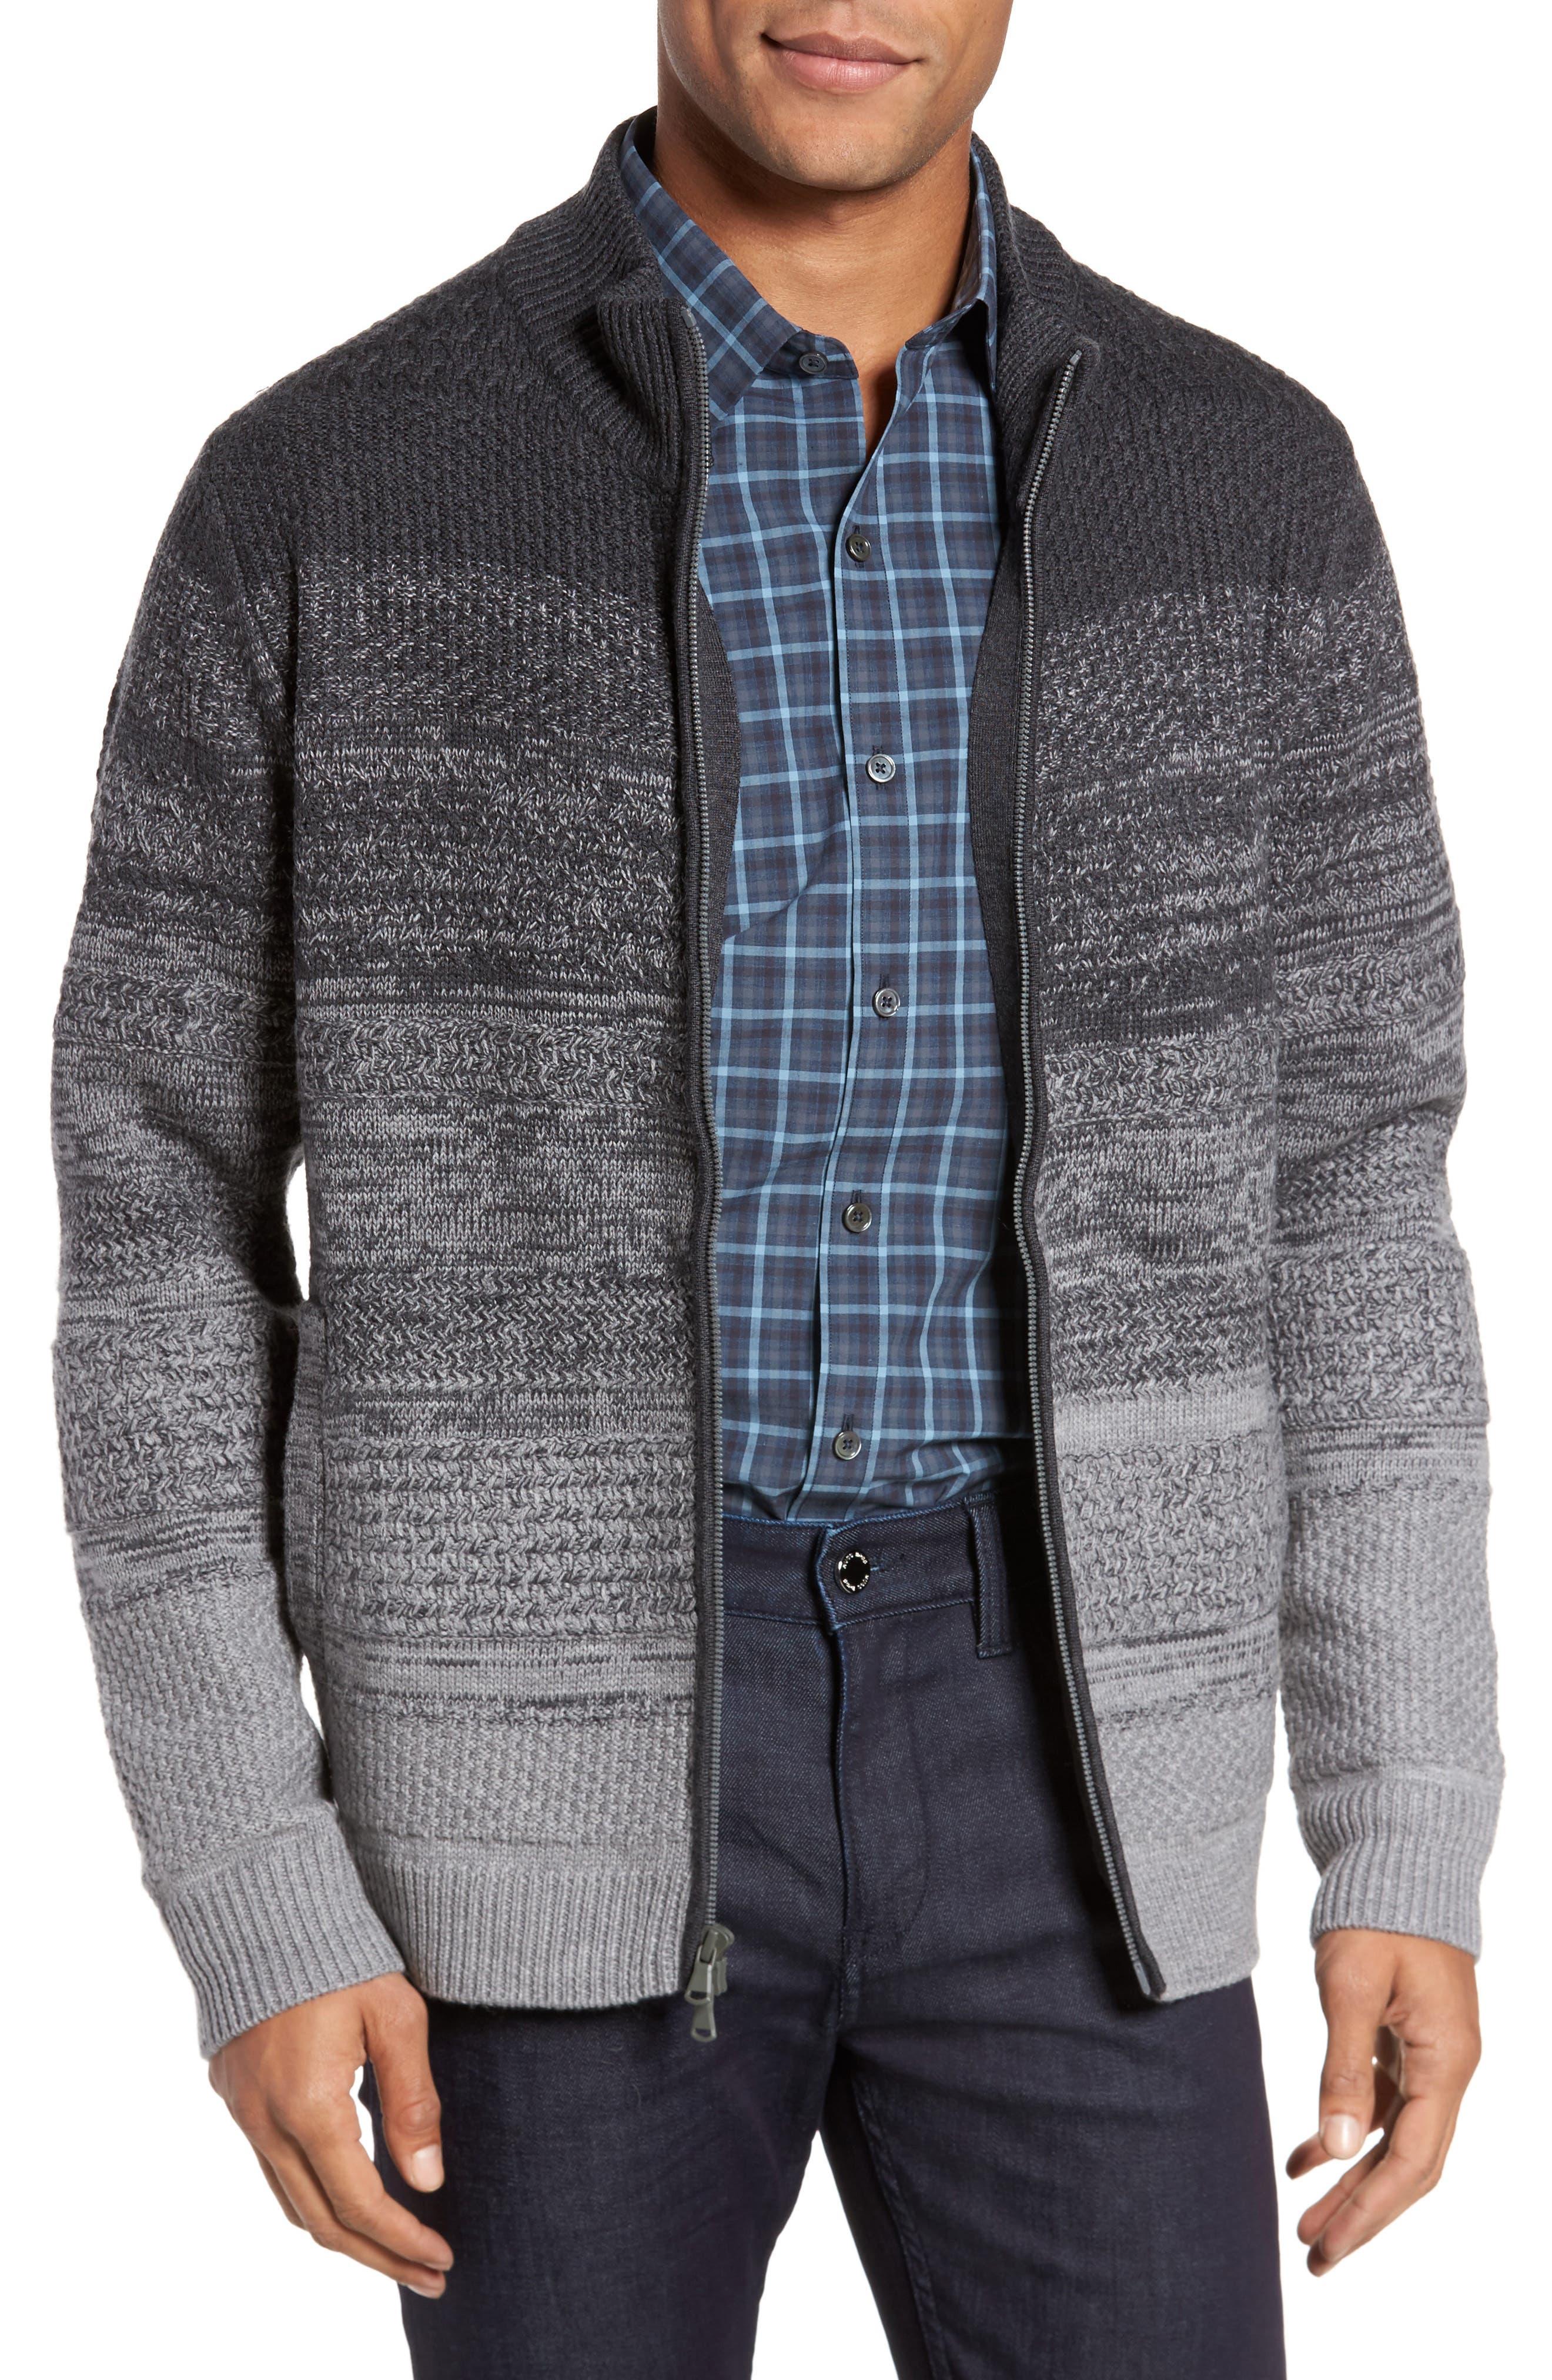 Hawkins Degrade Merino Full Zip Cardigan,                         Main,                         color,